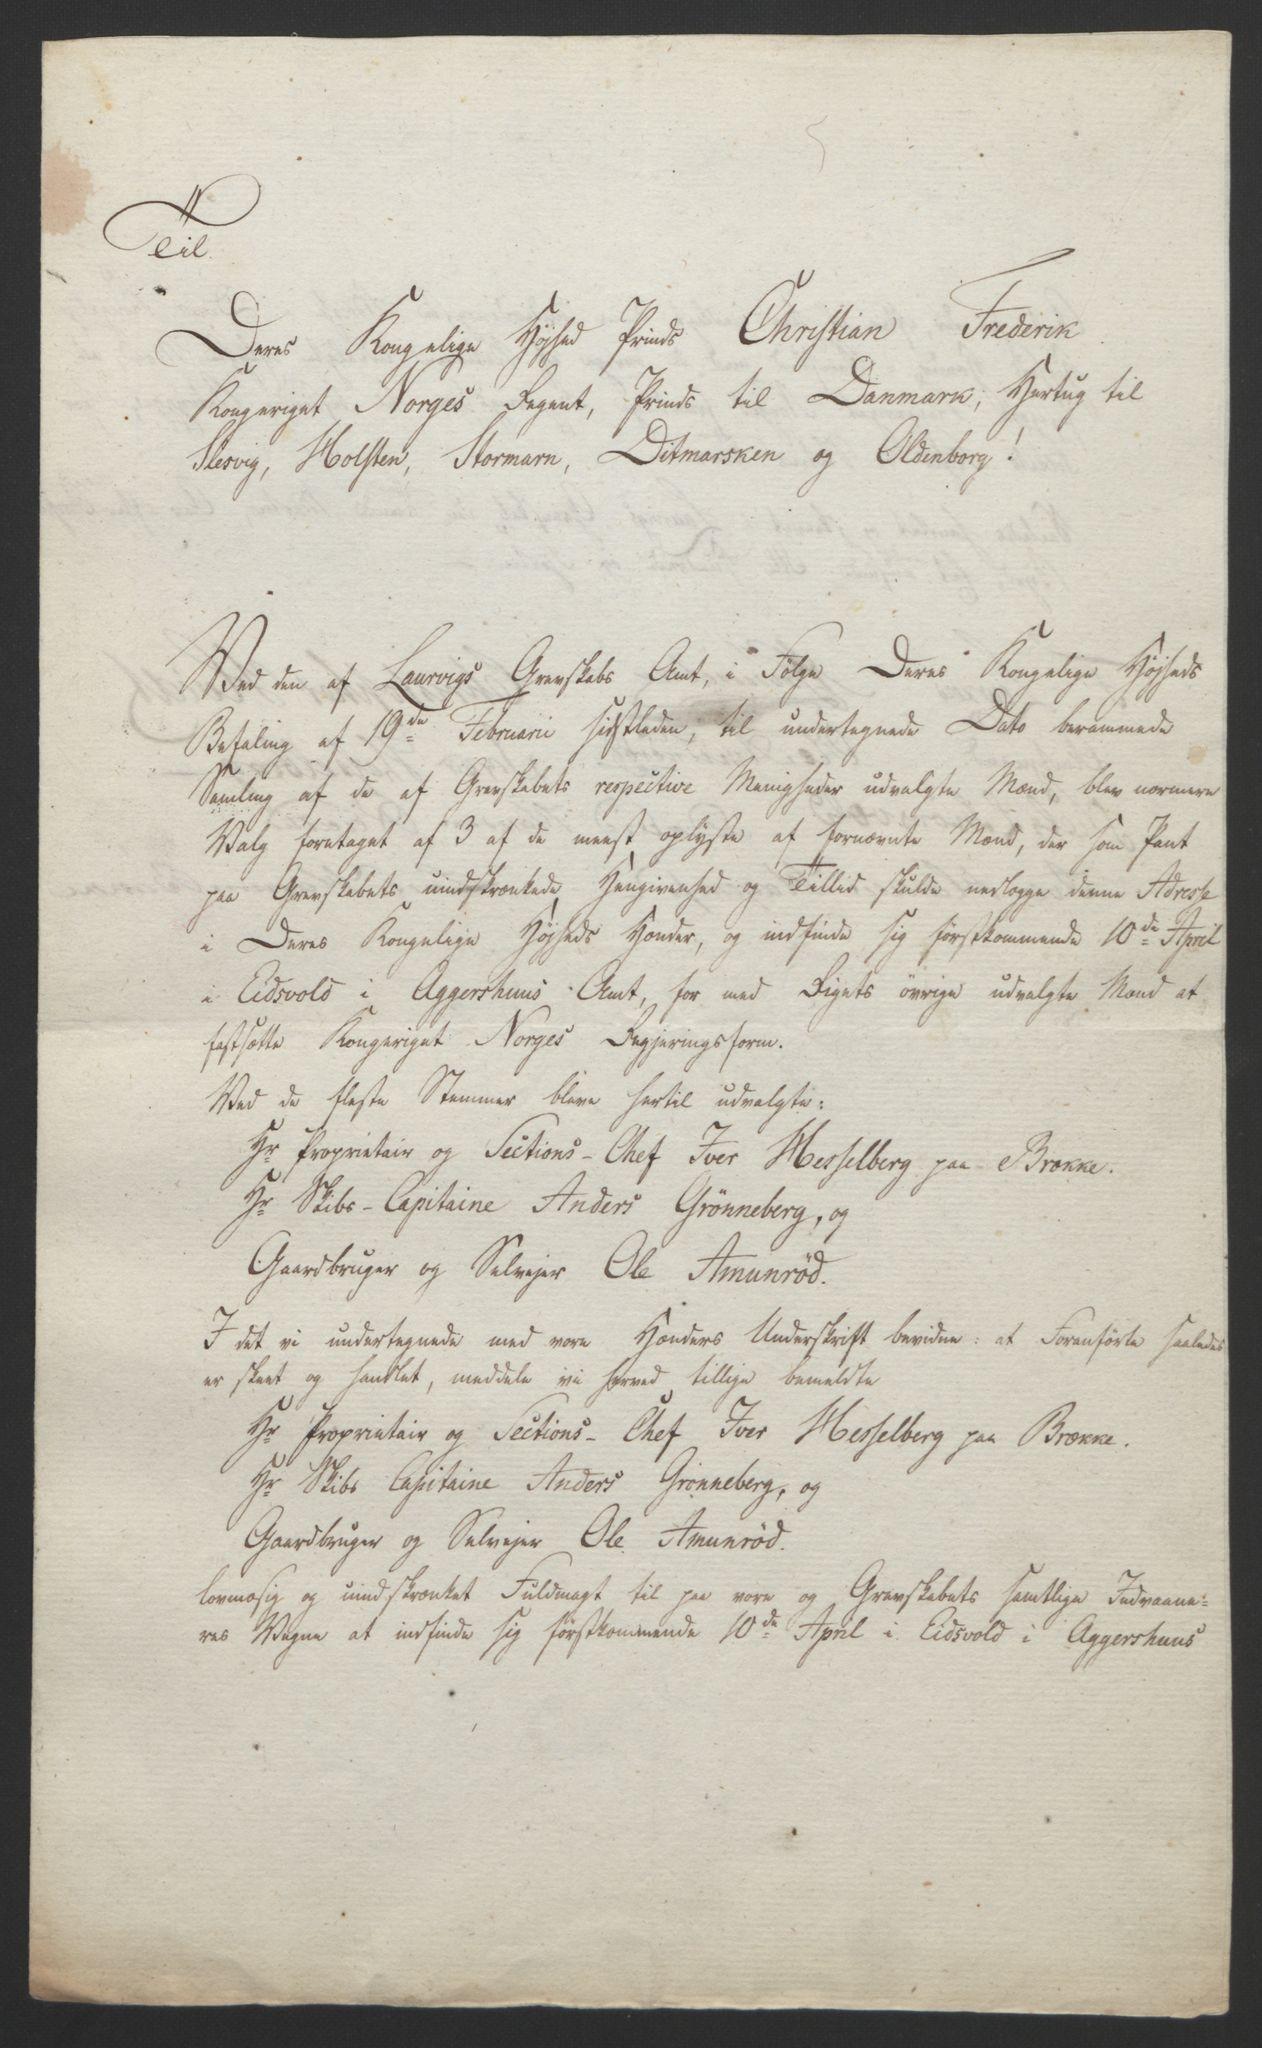 RA, Statsrådssekretariatet, D/Db/L0008: Fullmakter for Eidsvollsrepresentantene i 1814. , 1814, s. 28